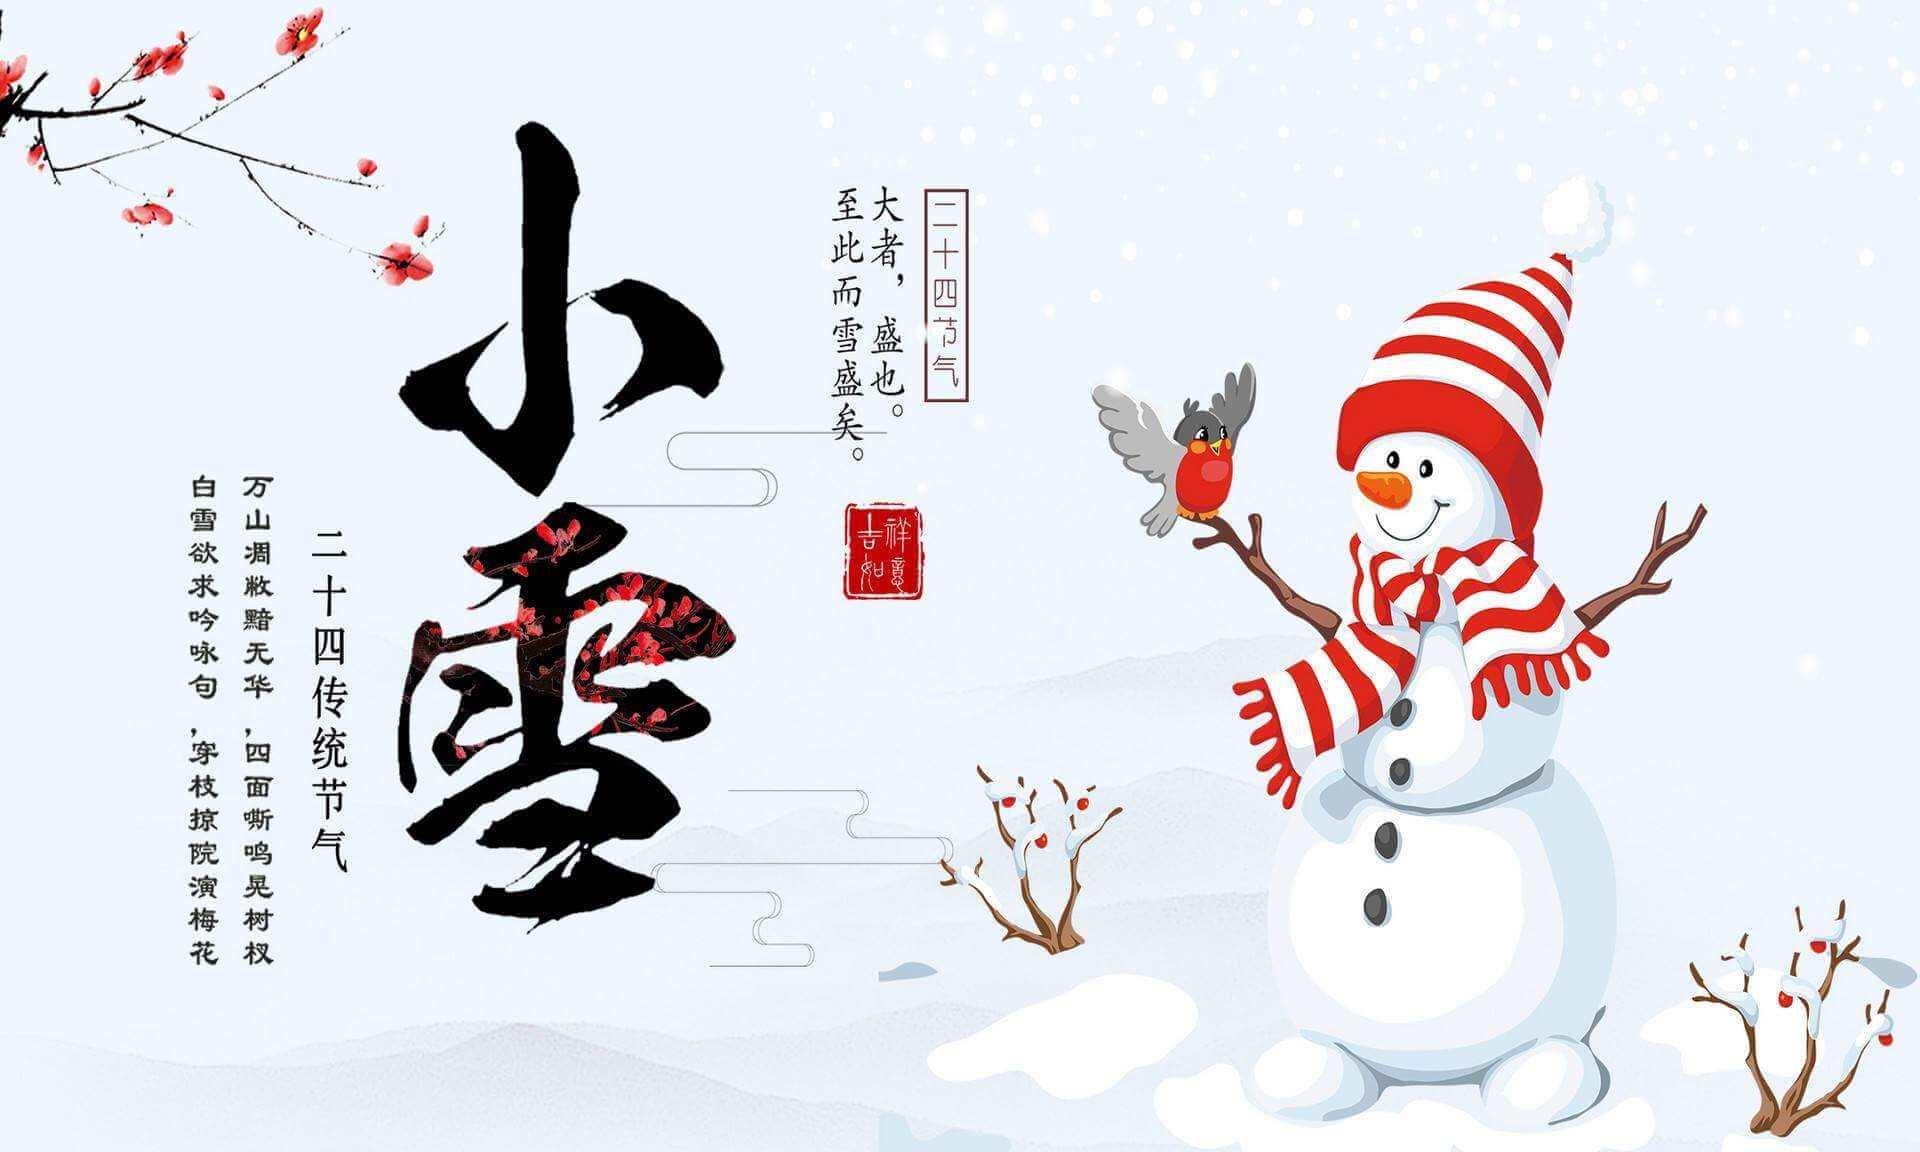 小雪 | 热博rb88体育app下载公司提醒您添衣保暖!